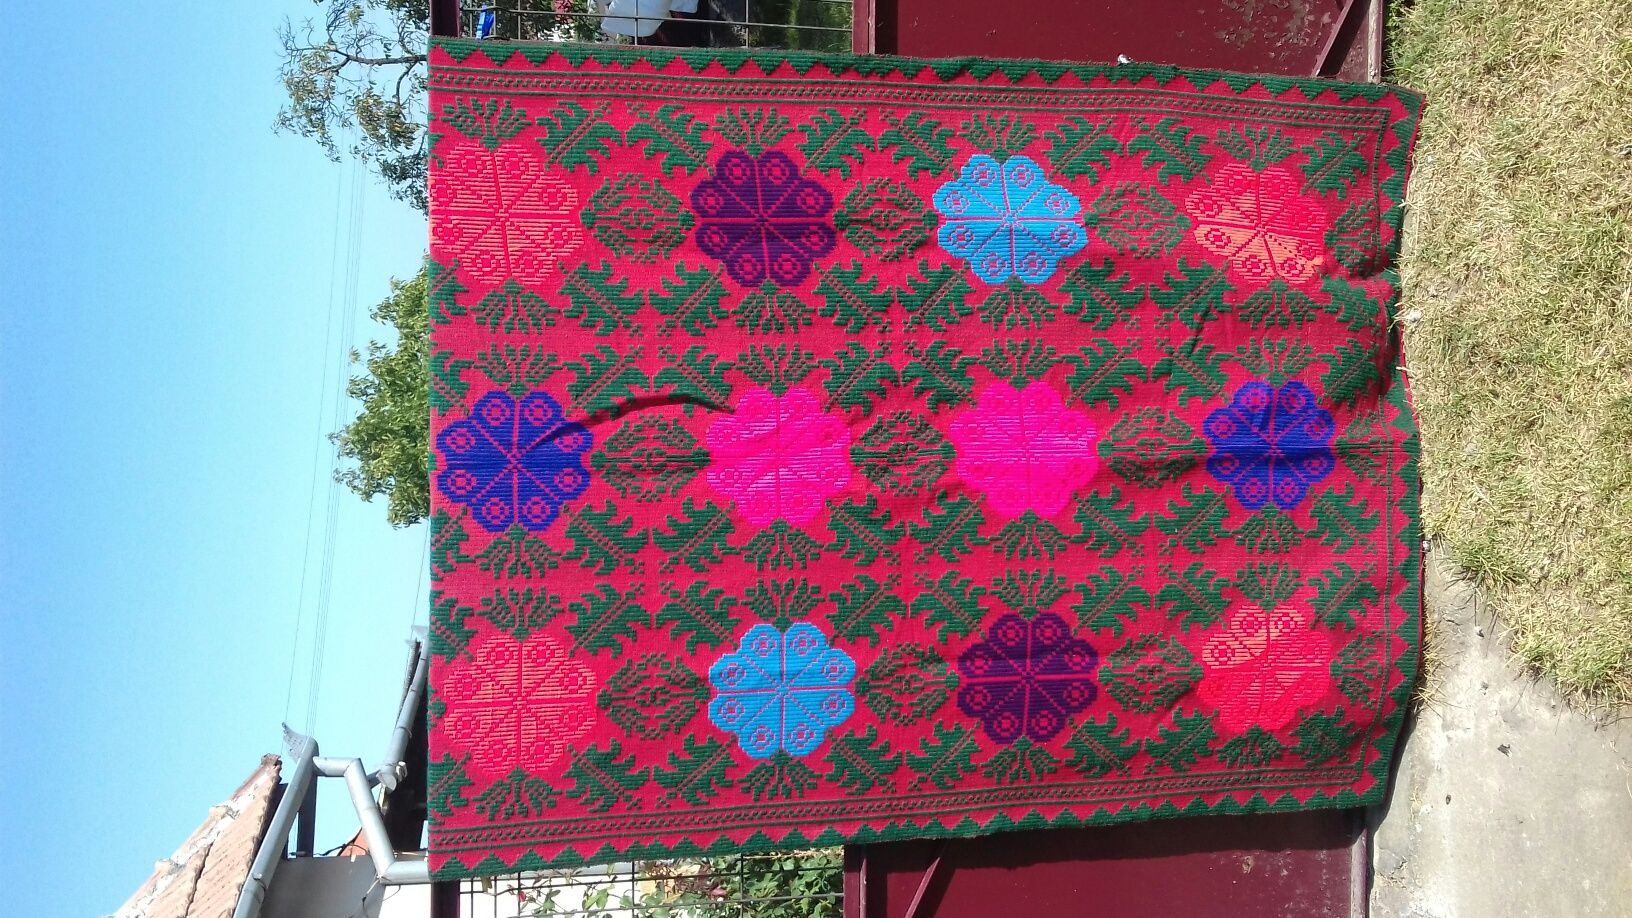 Pătură țărănească tradițională din lănă (Zona Bihorului )Handmade